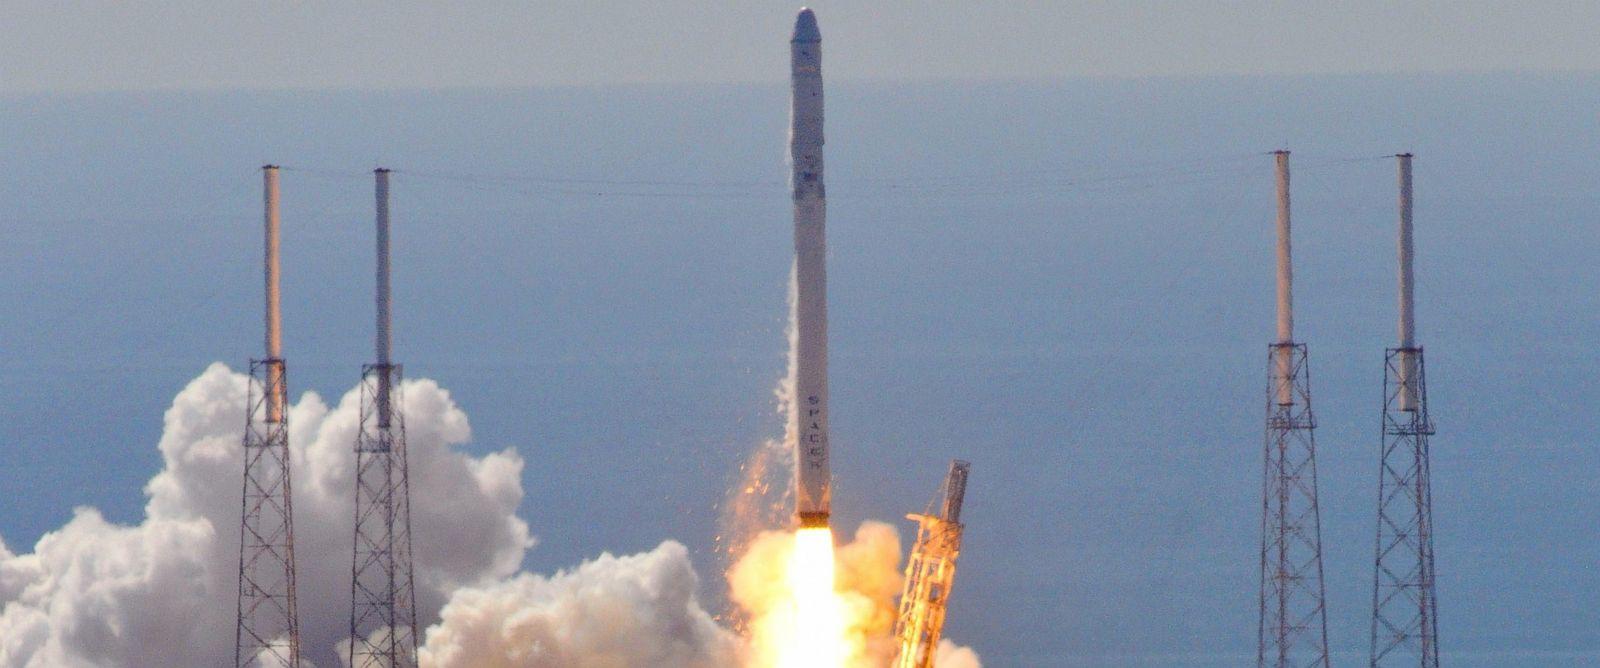 spacex barge tweet - photo #11